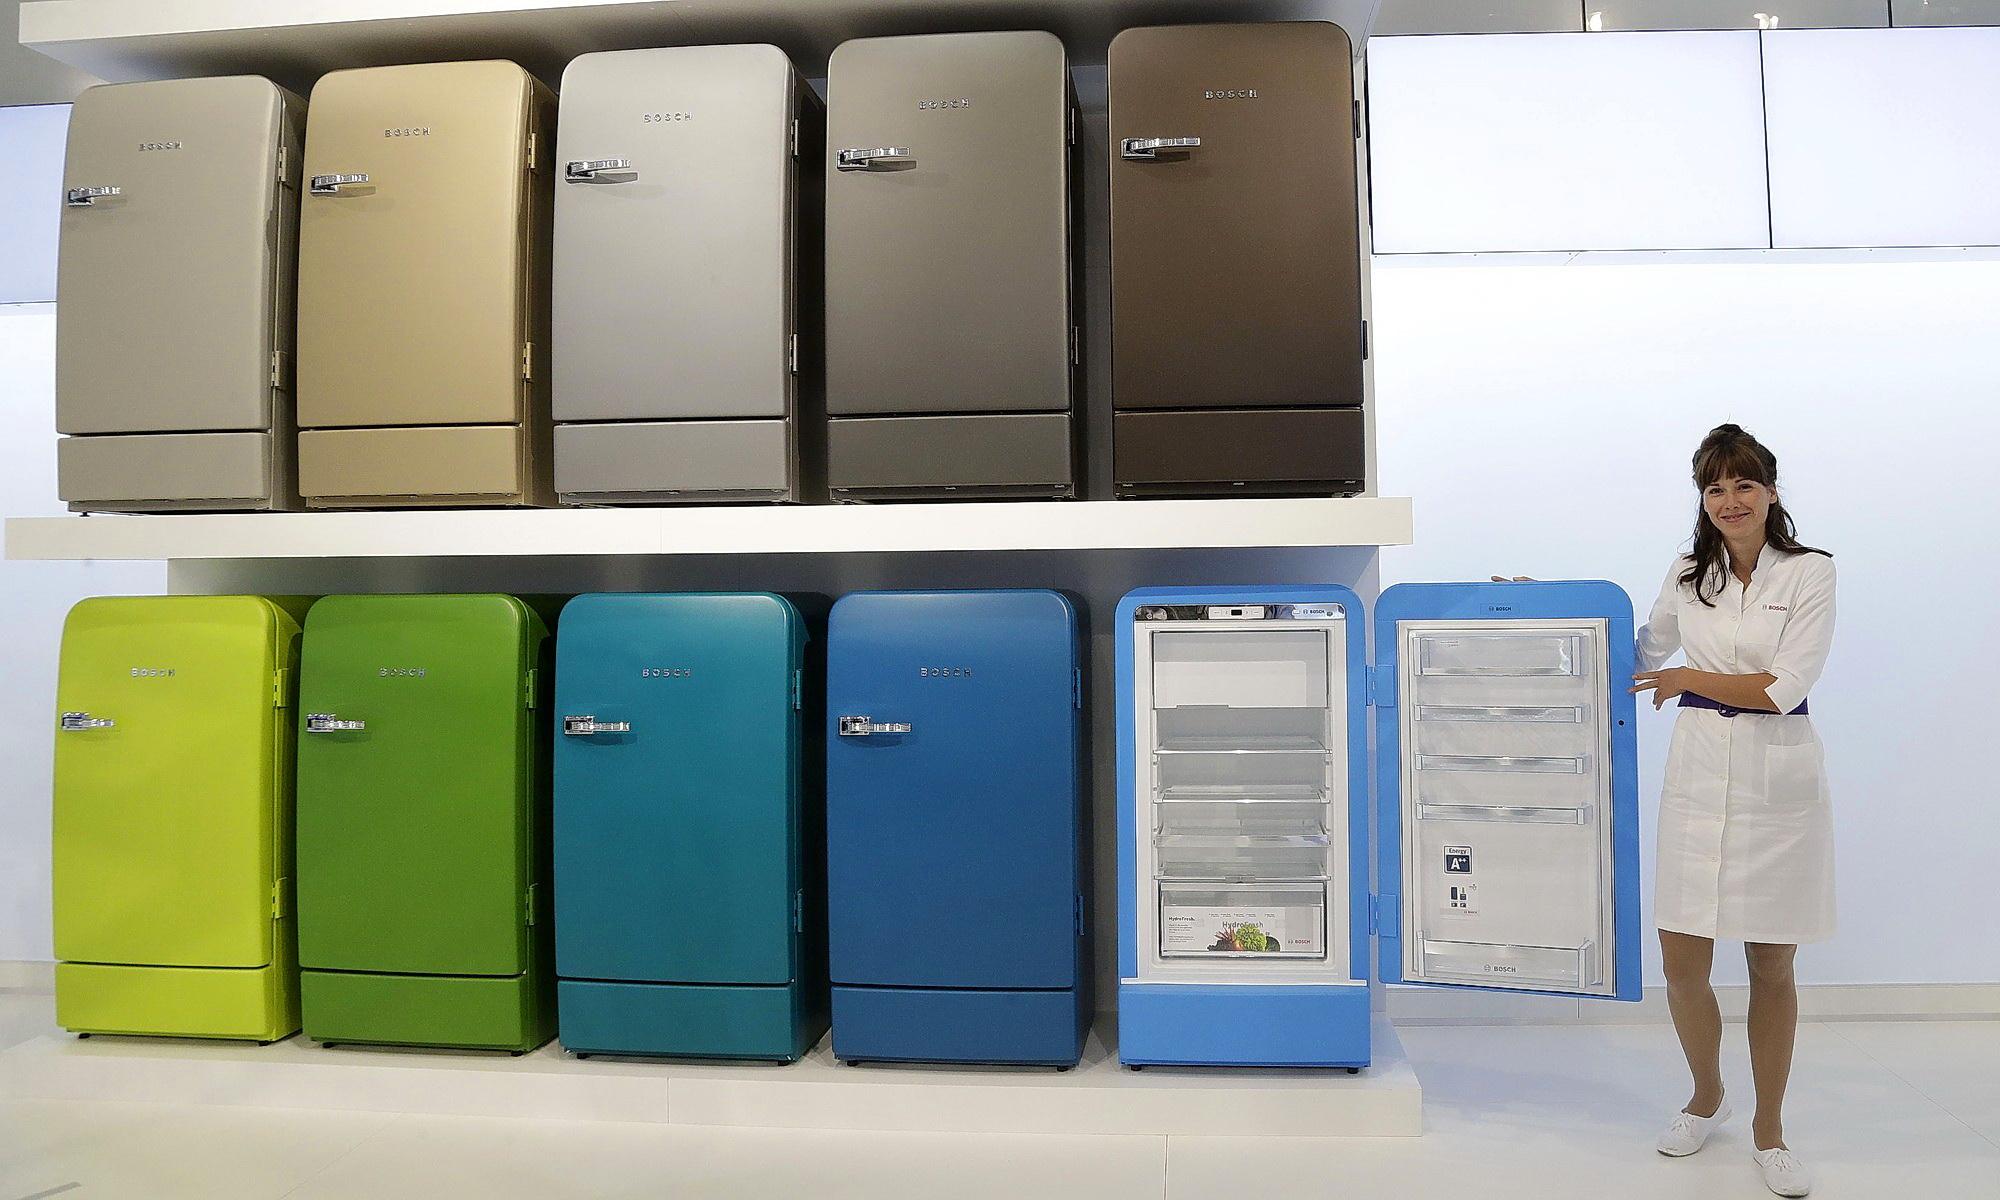 Ретро-холодильники в интерьере 2019: фото, дизайн, как выбрать